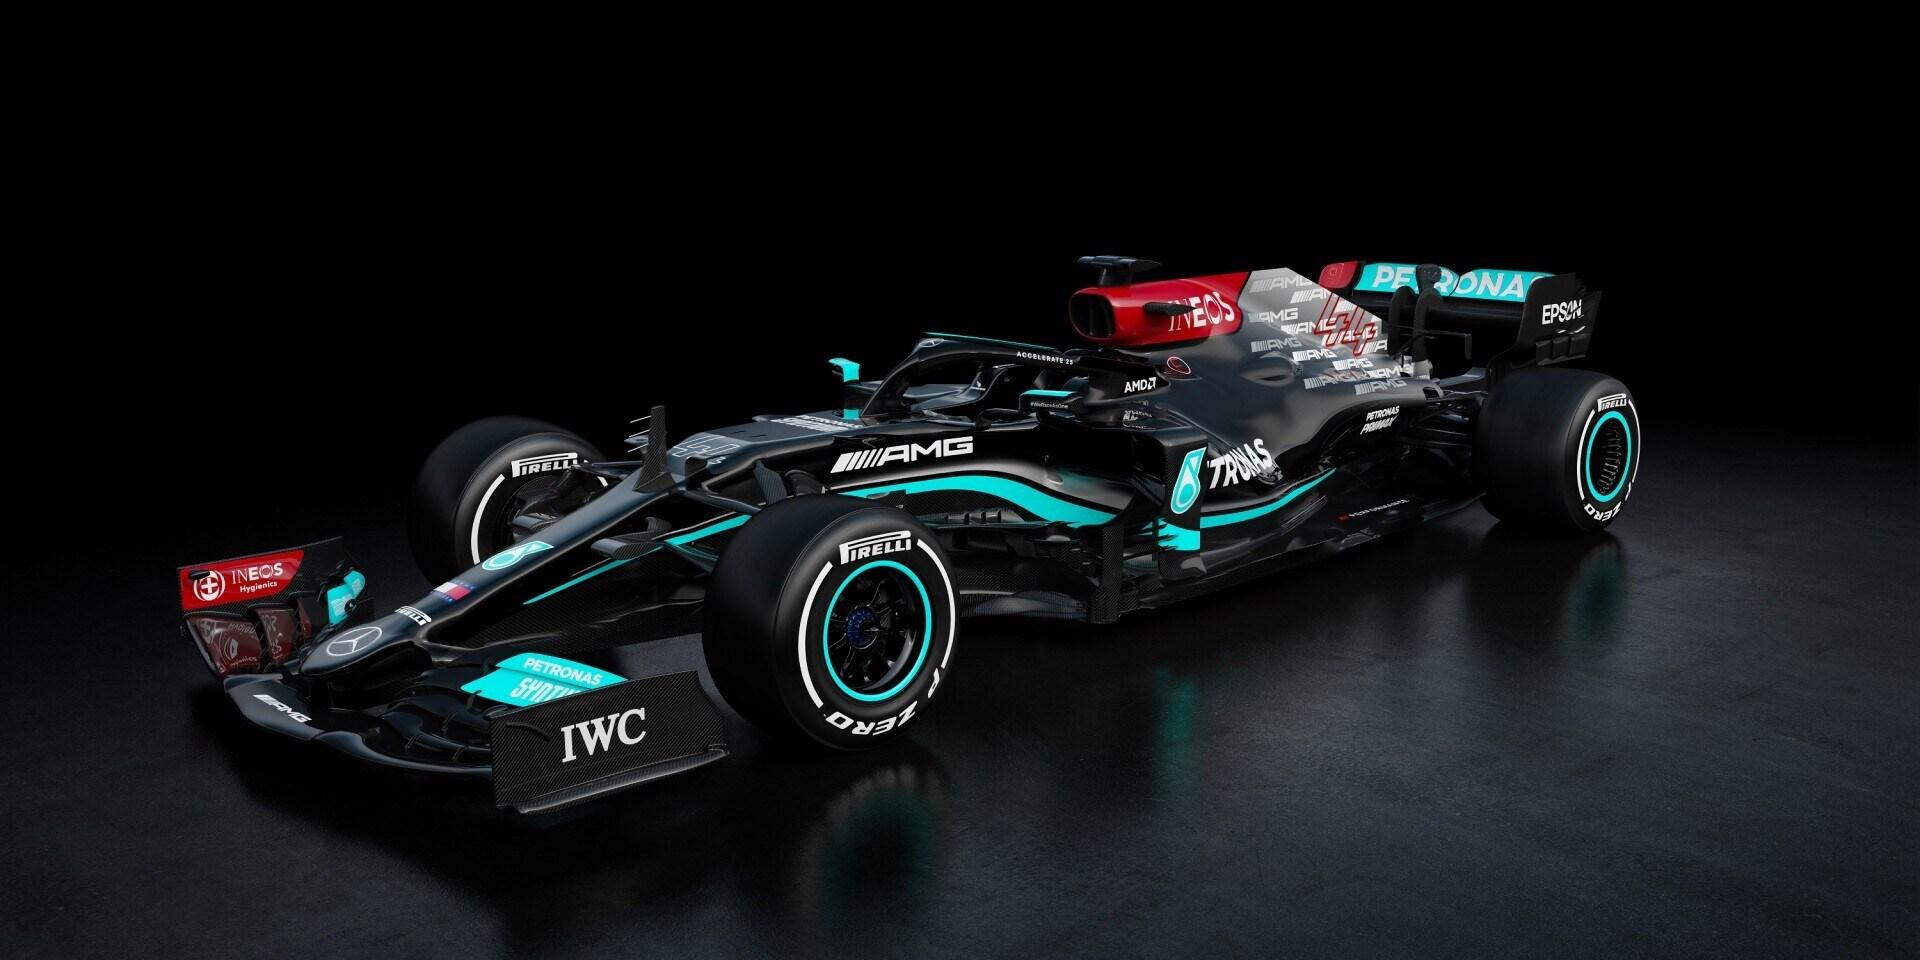 Mercedes F1, ecco la nuova W12 di Hamilton e Bottas